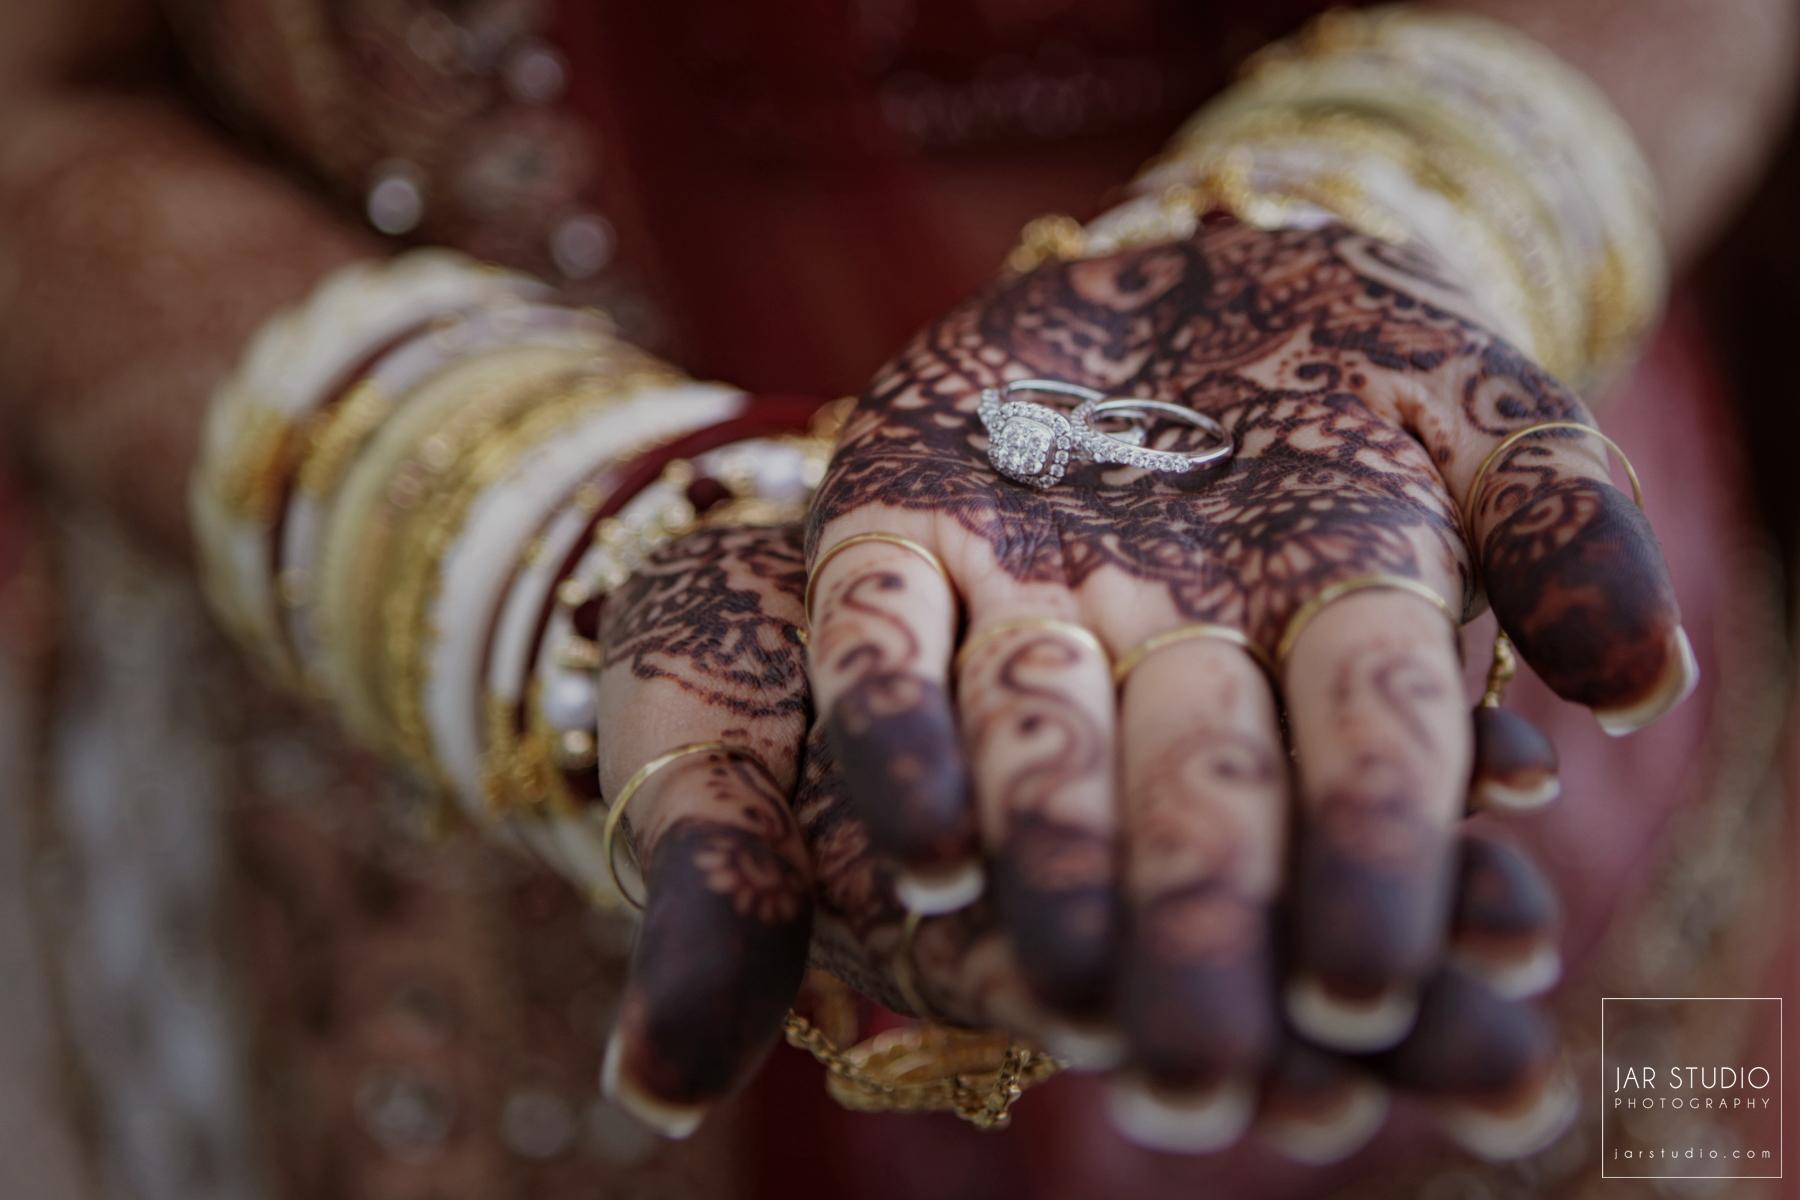 14-bride-rings-indian-mendhi-jarstudio-photography-florida.JPG